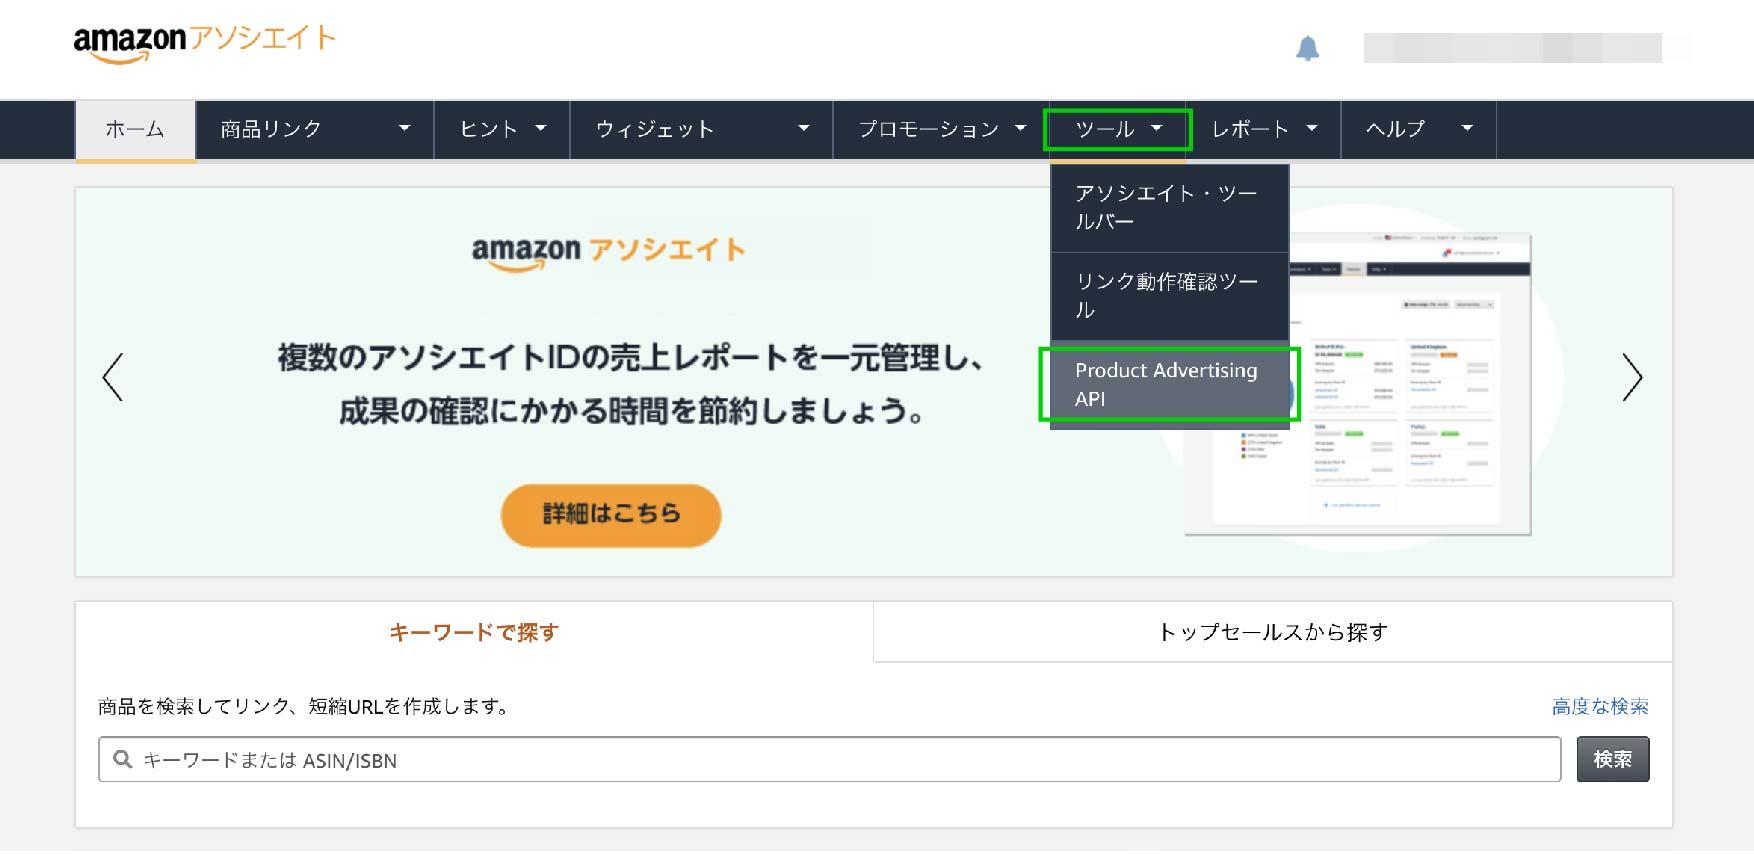 【完全解説】物販用プラグインRinkerの導入〜設定までの方法14